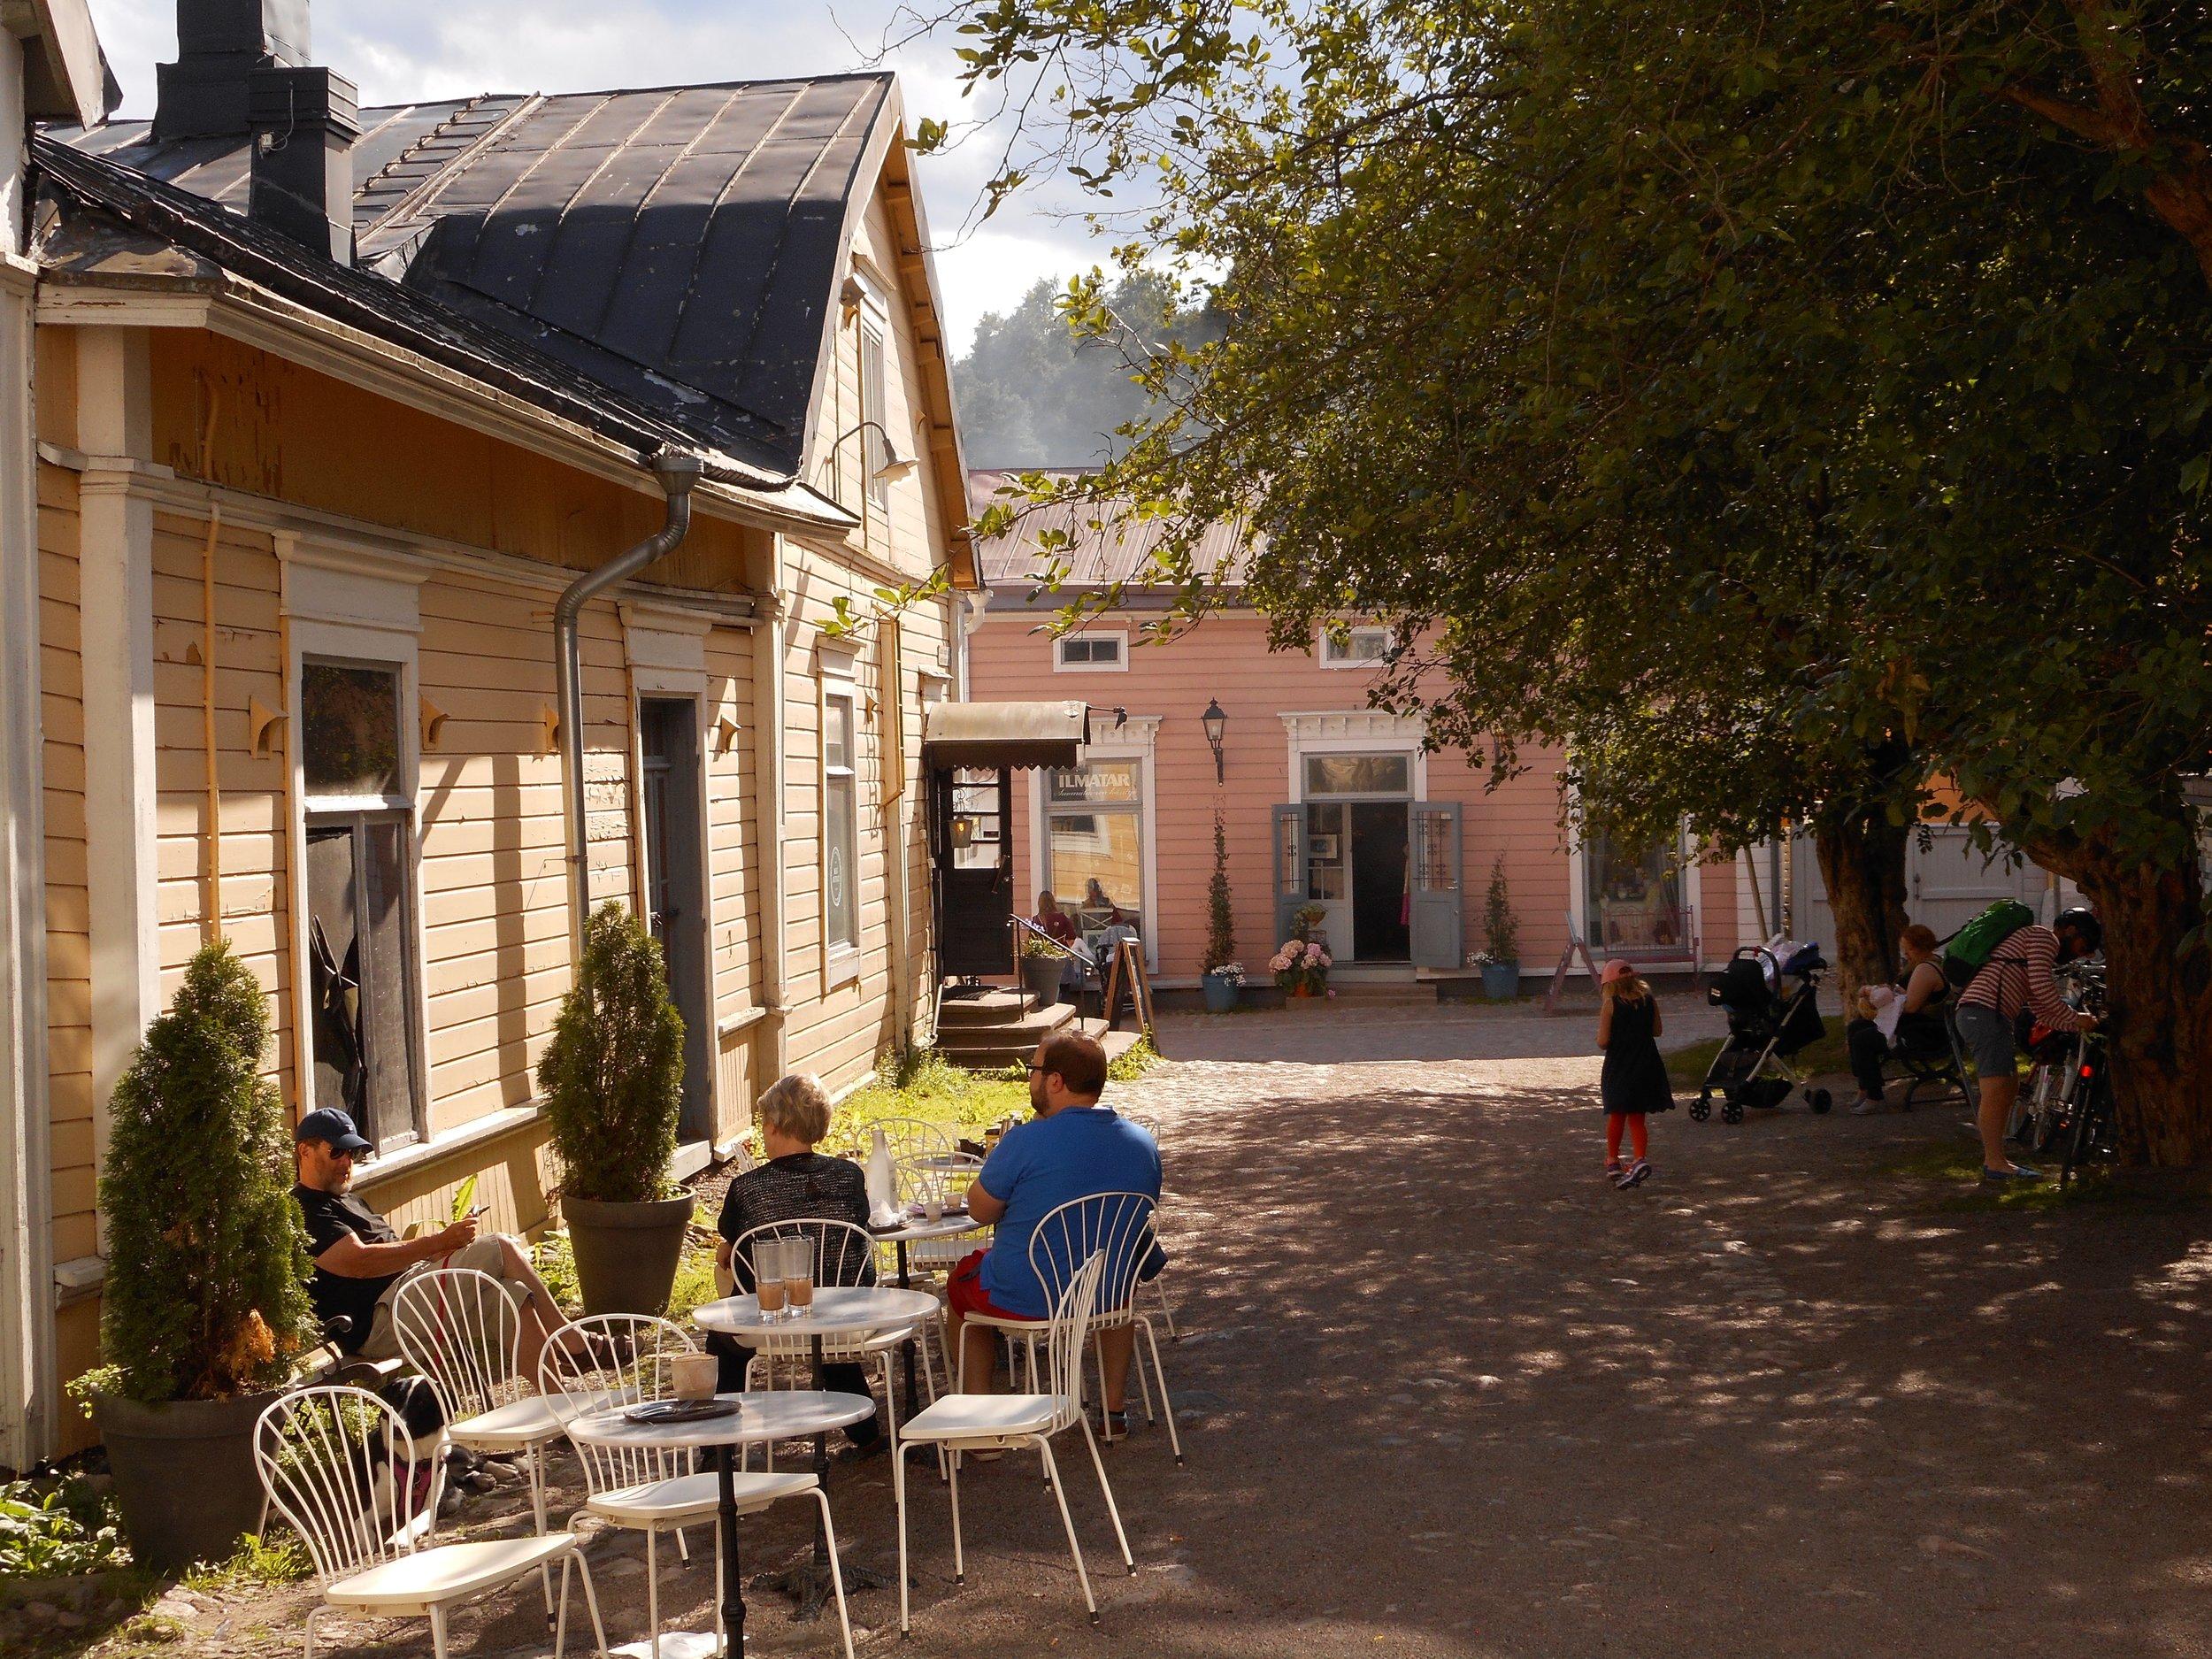 Summer cafe in old Porvoo